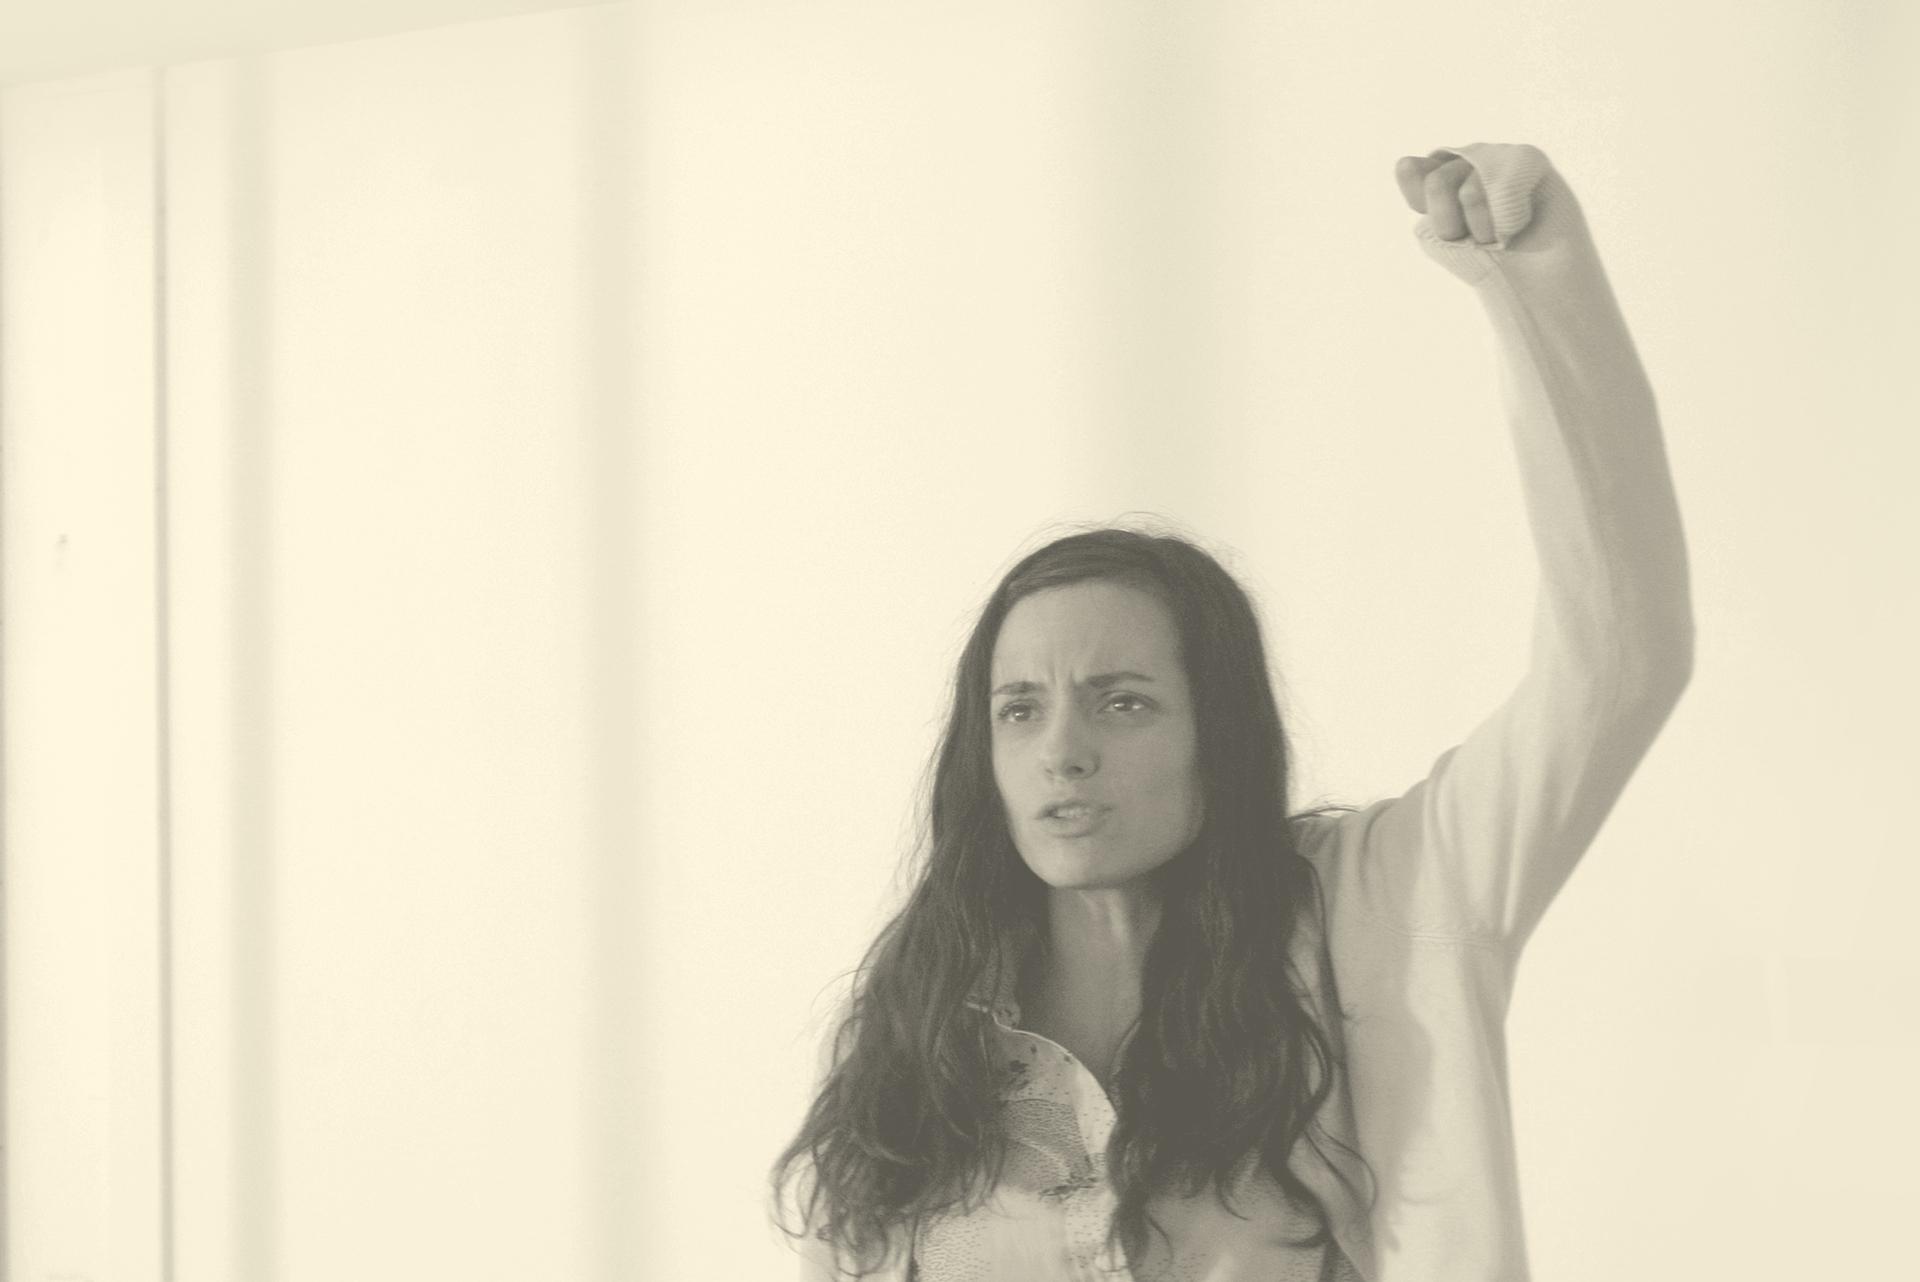 Jacqueline et la révolution